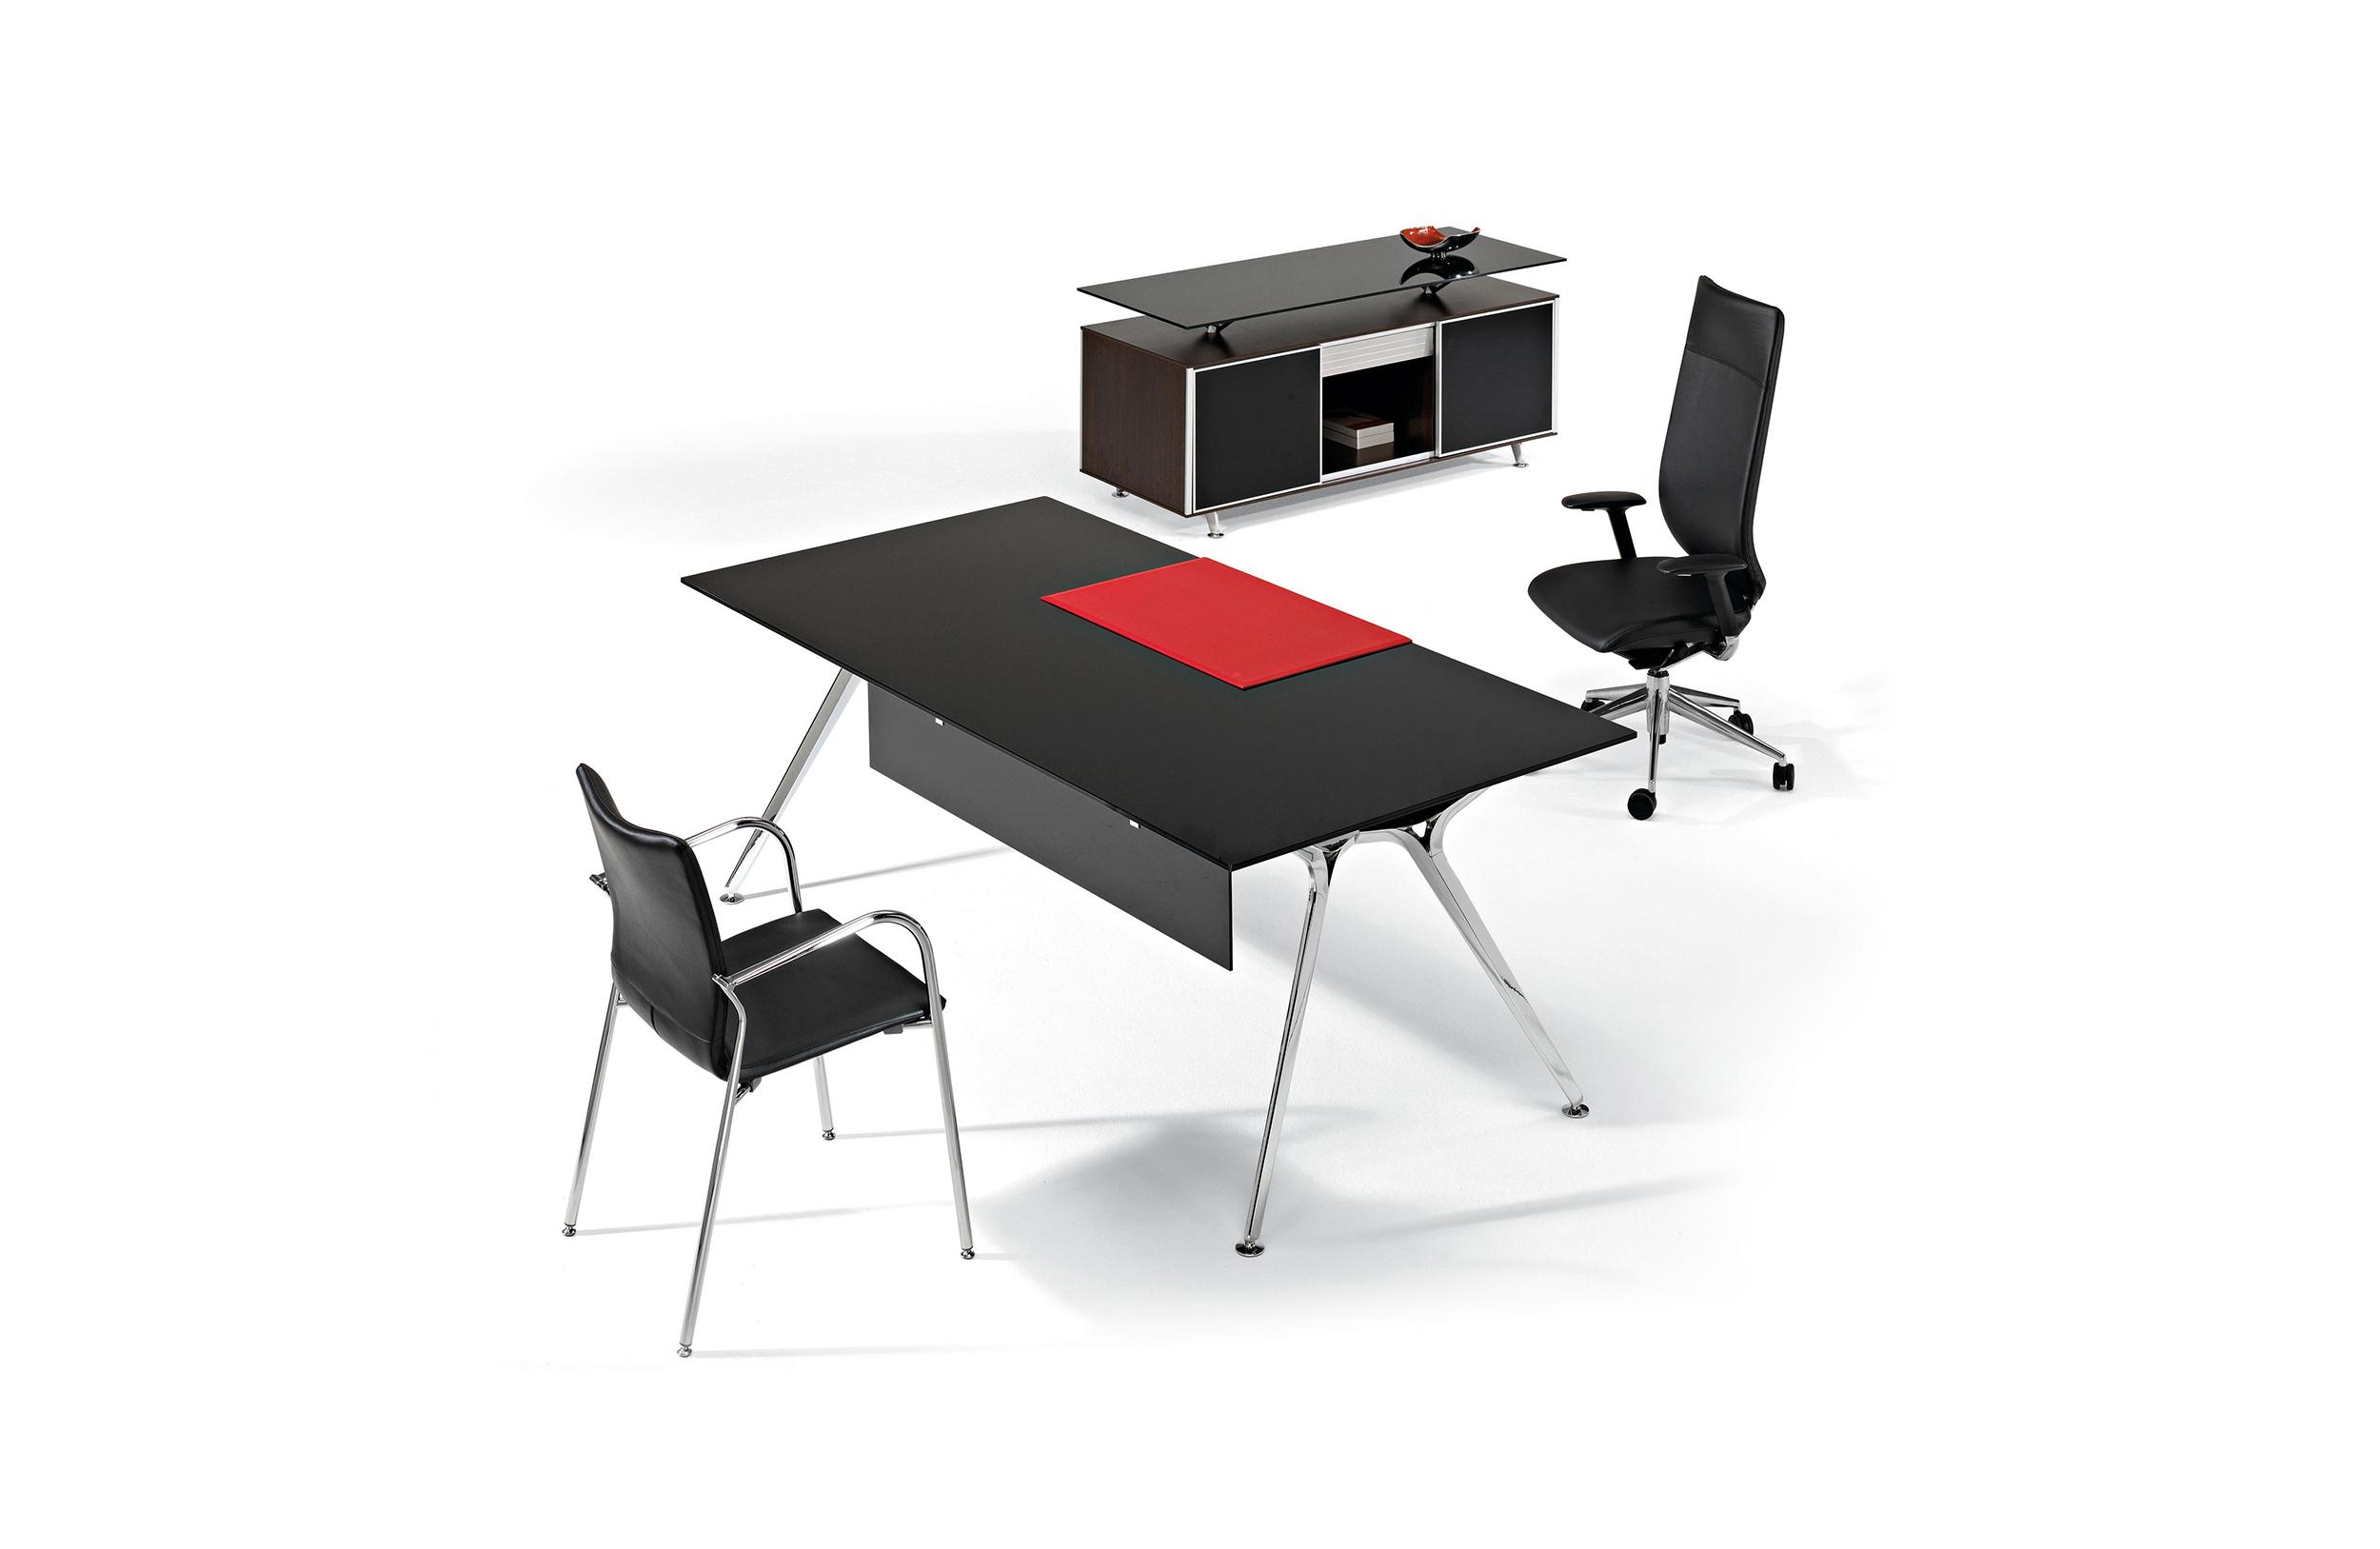 办公台|行政高管|创意家具|现代家居|时尚家具|设计师家具|定制家具|实木家具|Arkitek行政桌系列